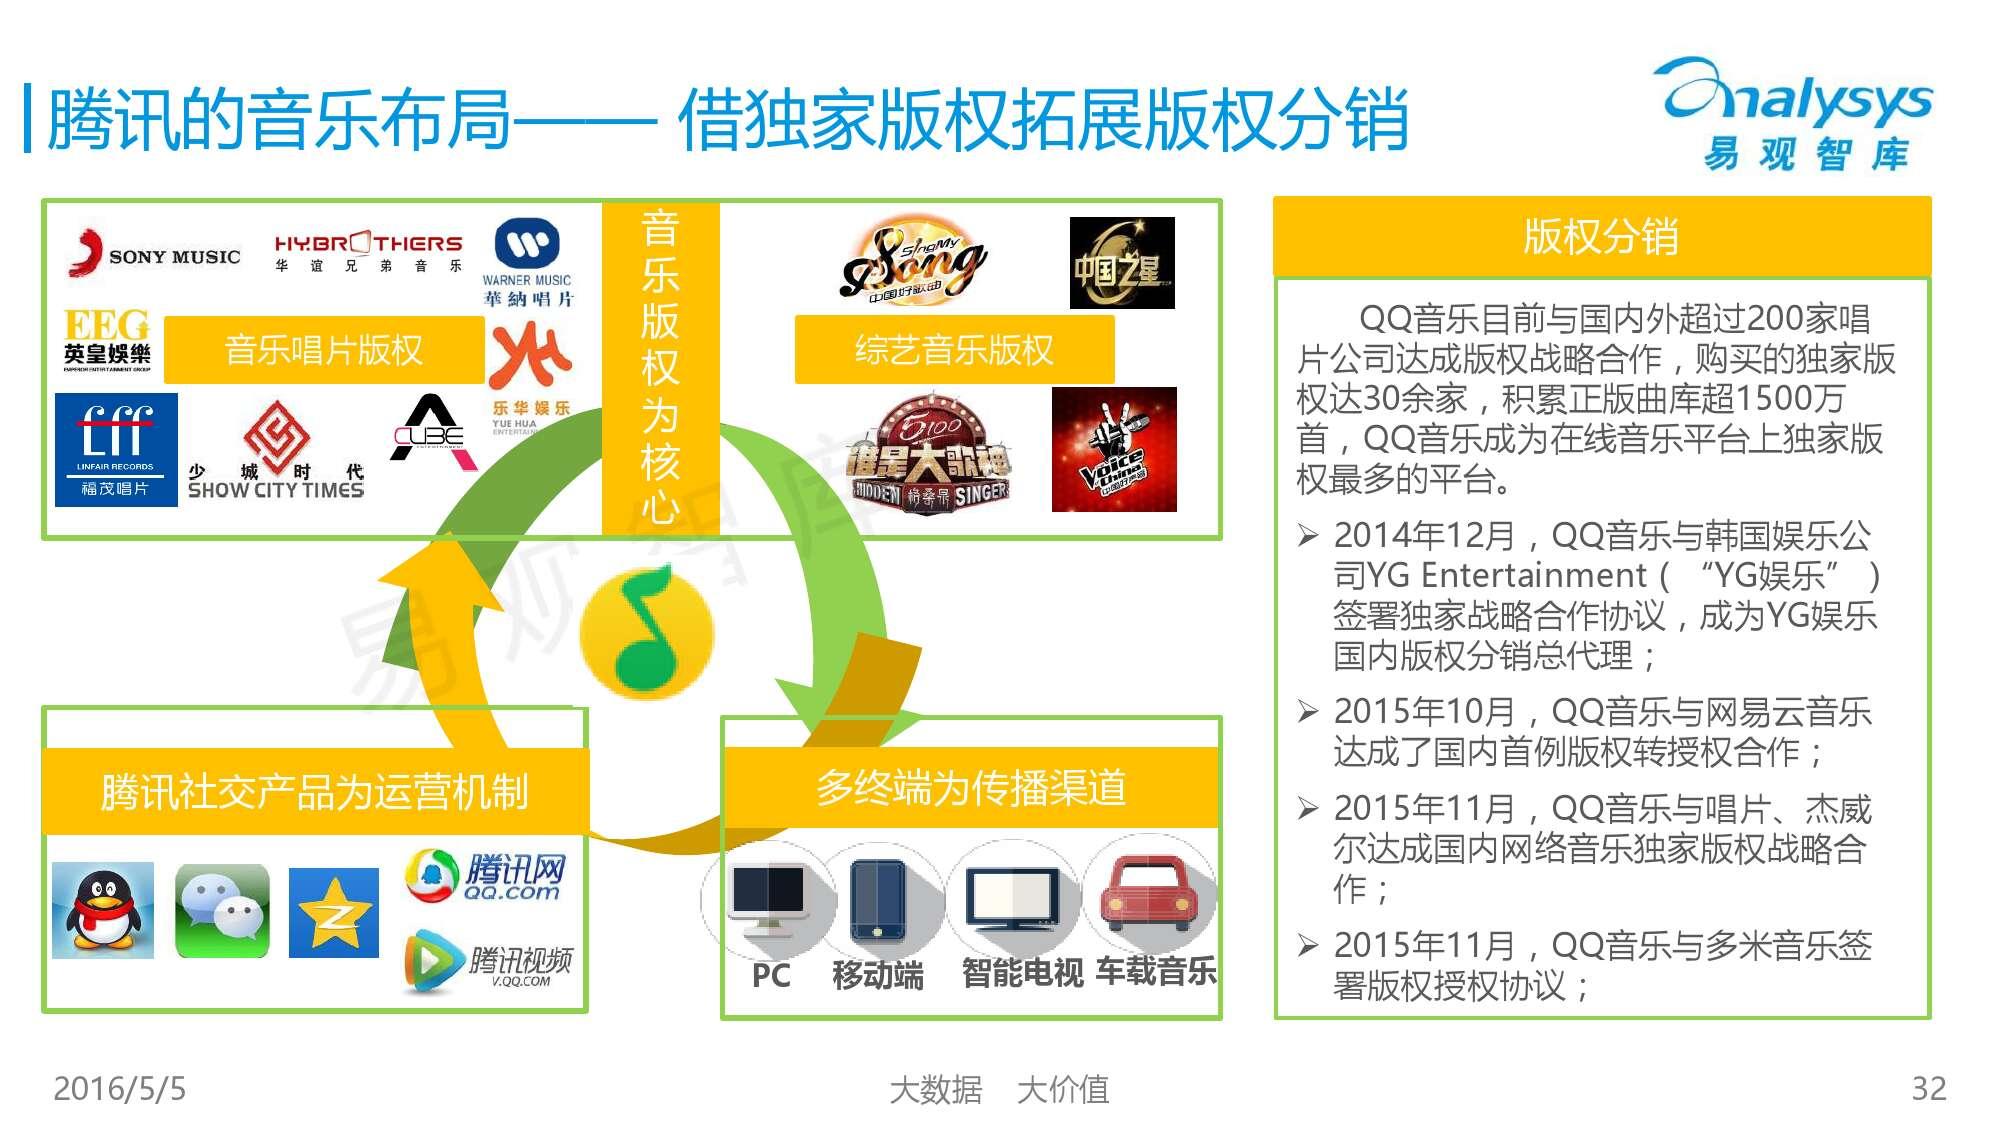 2016中国移动音乐市场年度综合报告_000032